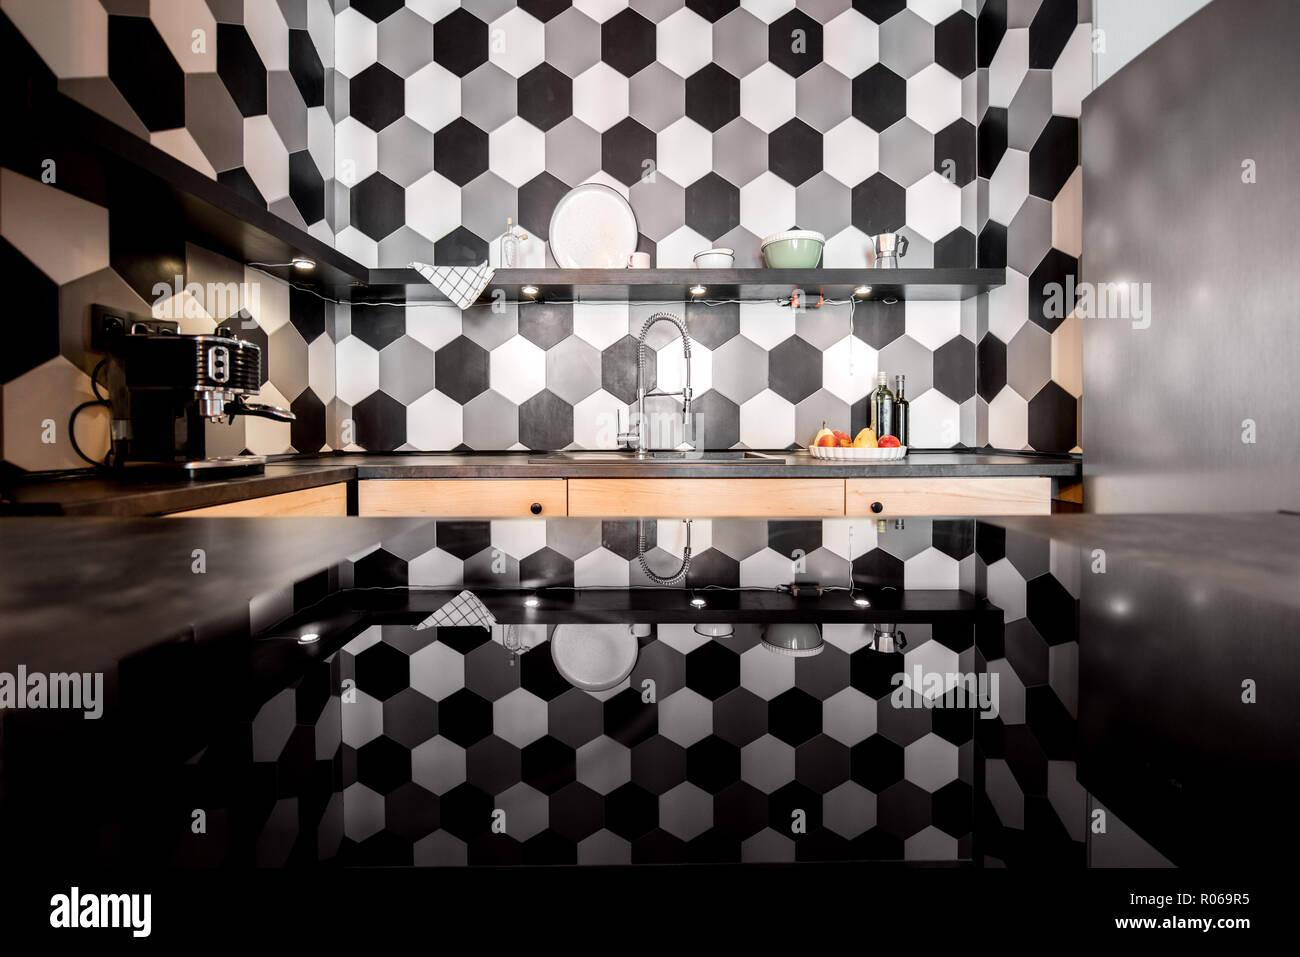 Loft cucina interna esagonale con piastrelle bianche e nere foto